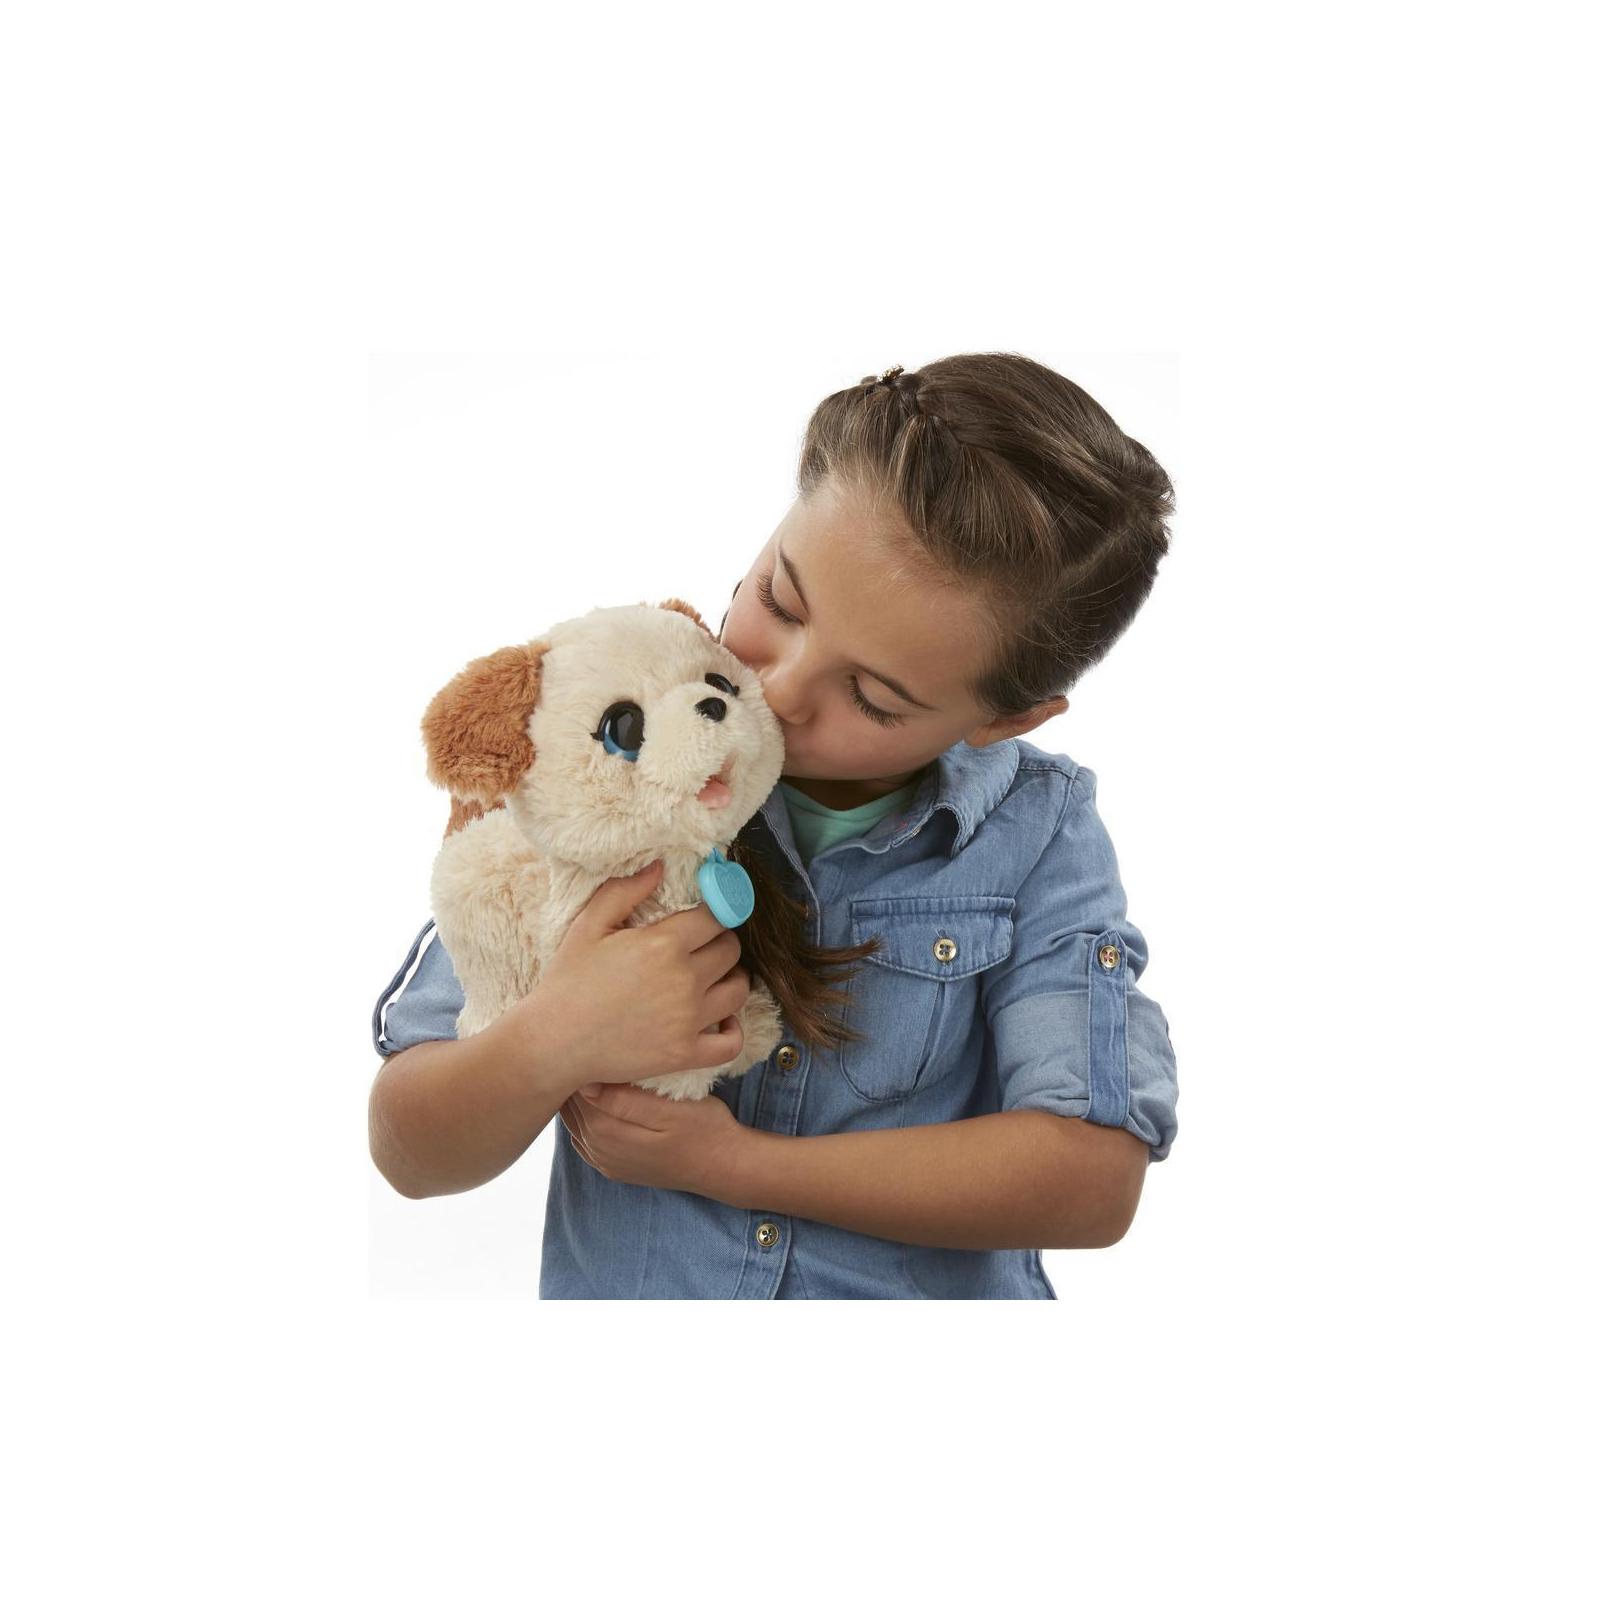 Интерактивная игрушка Hasbro Furreal Friends Весёлый щенок Пакс (обновленный) (C2178) изображение 4